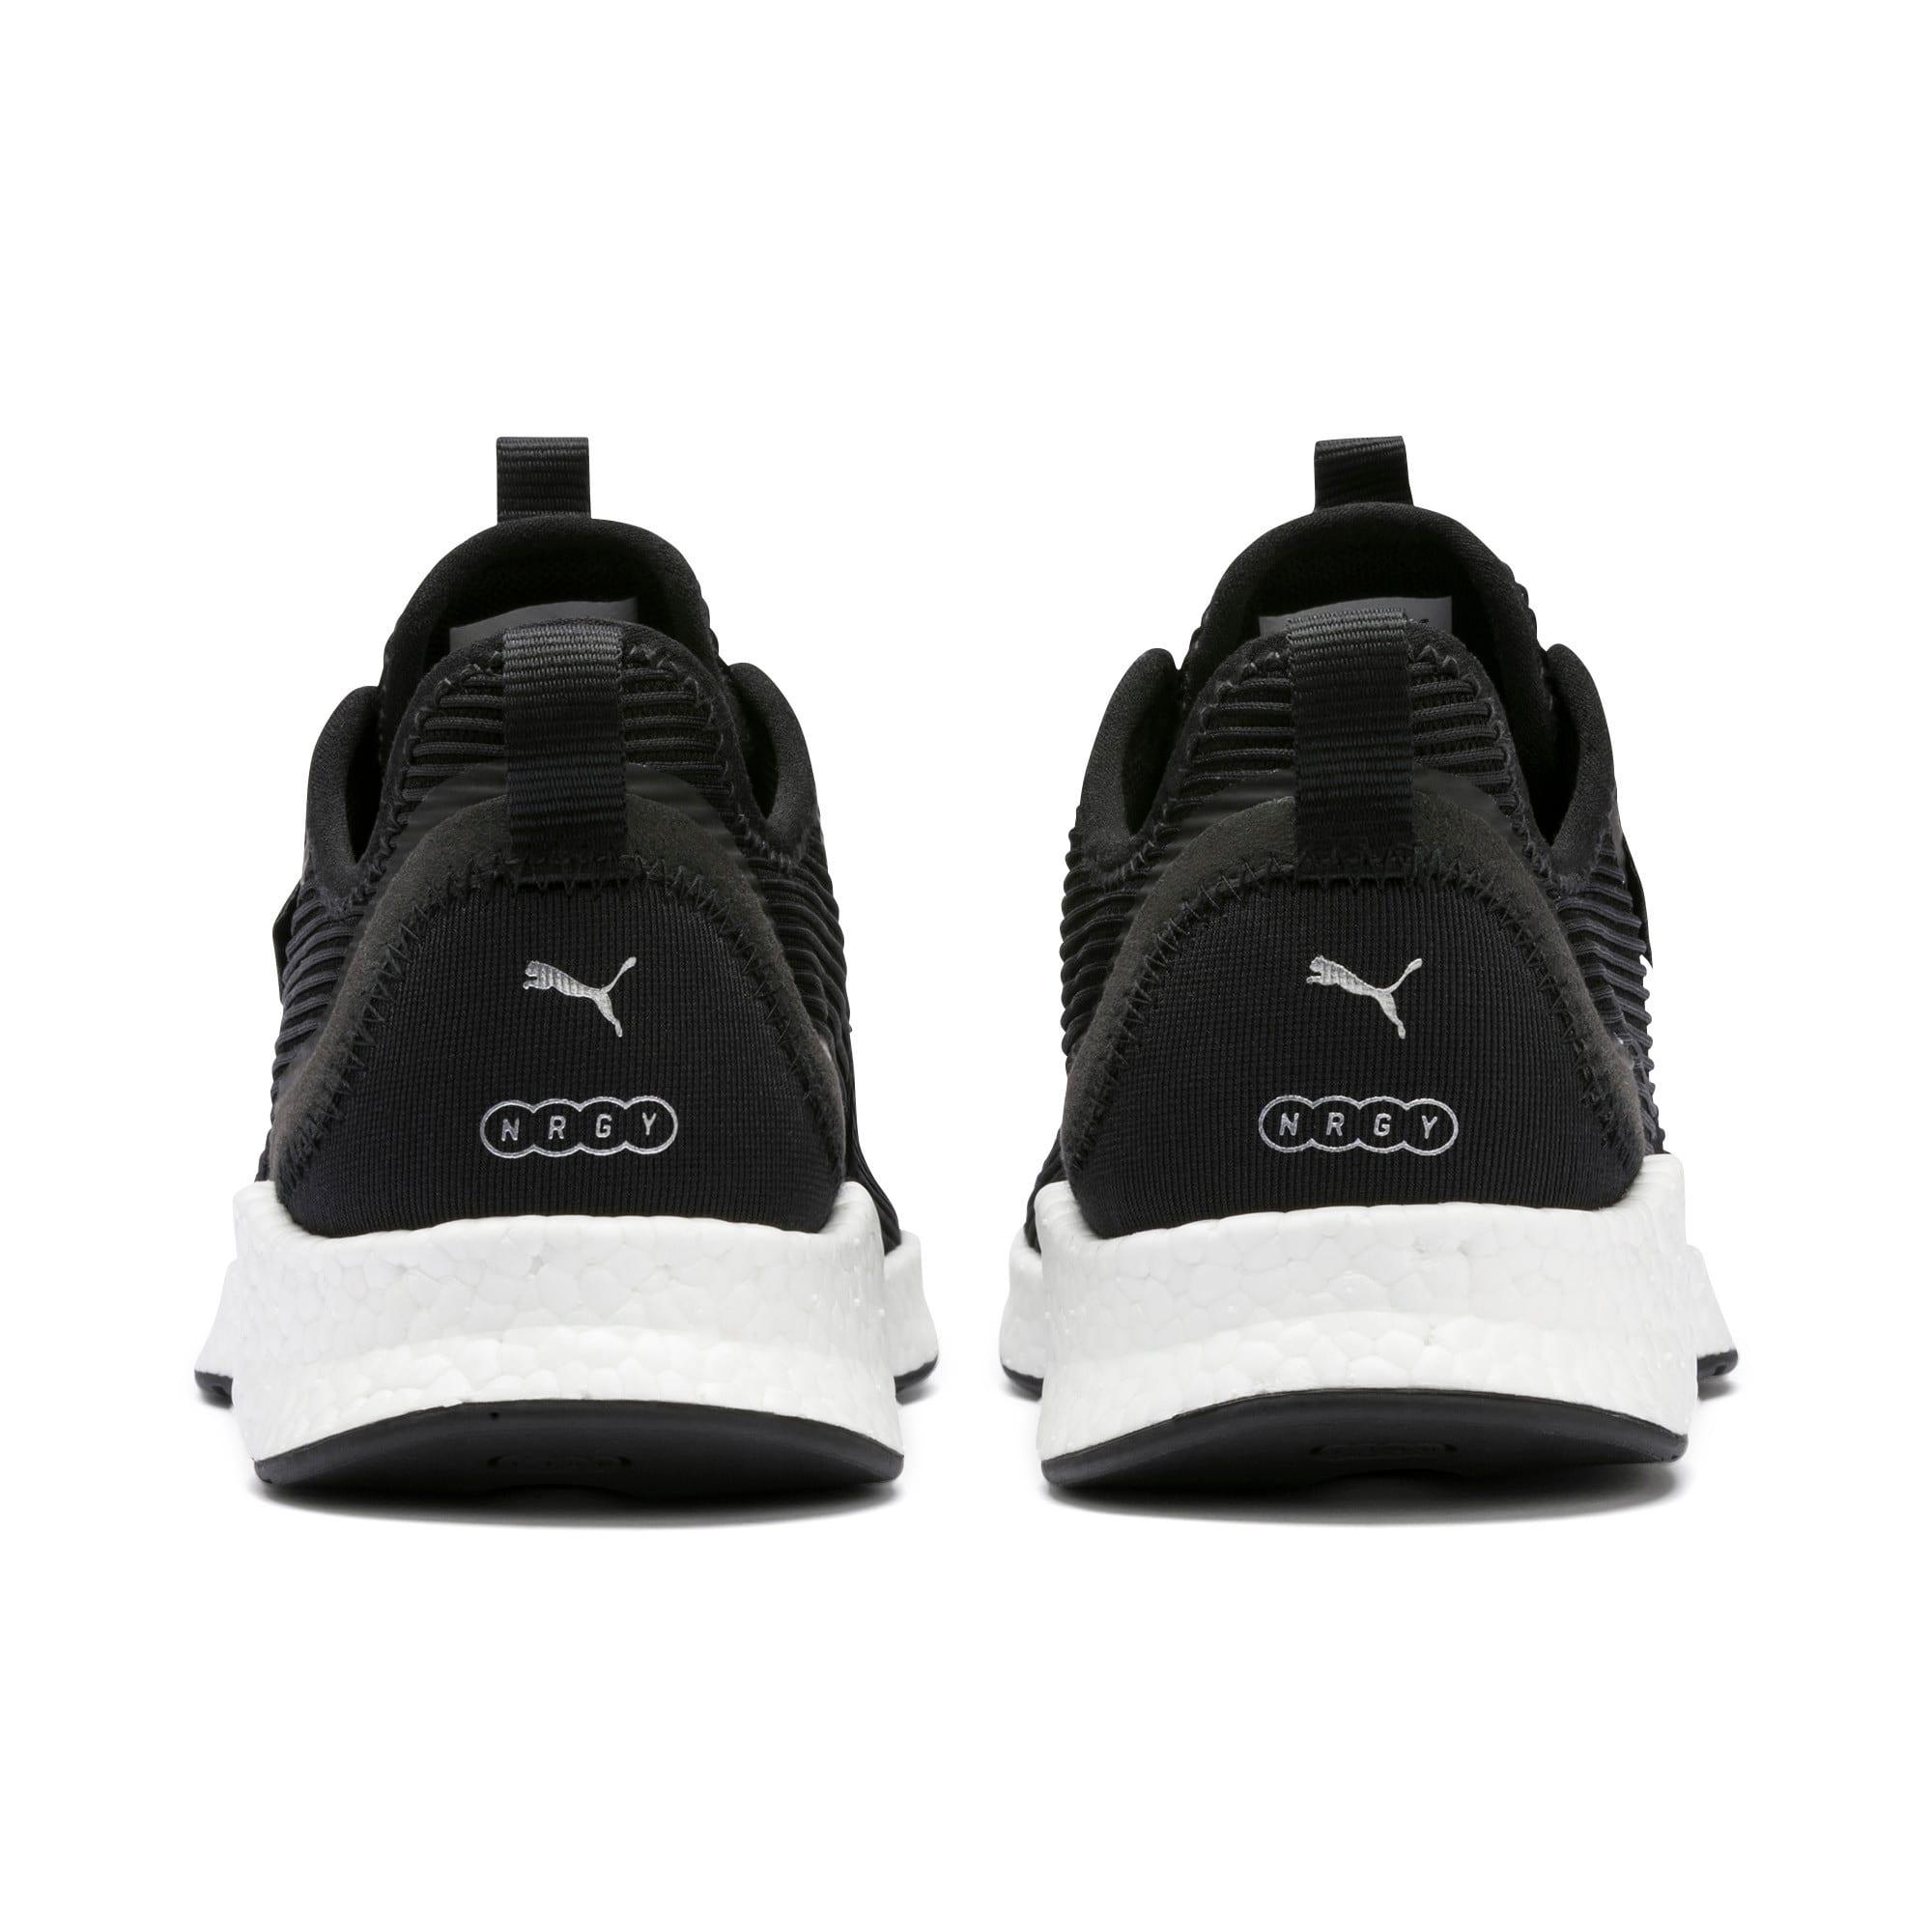 Thumbnail 5 of NRGY Star Femme Women's Running Shoes, Black-Silver-White, medium